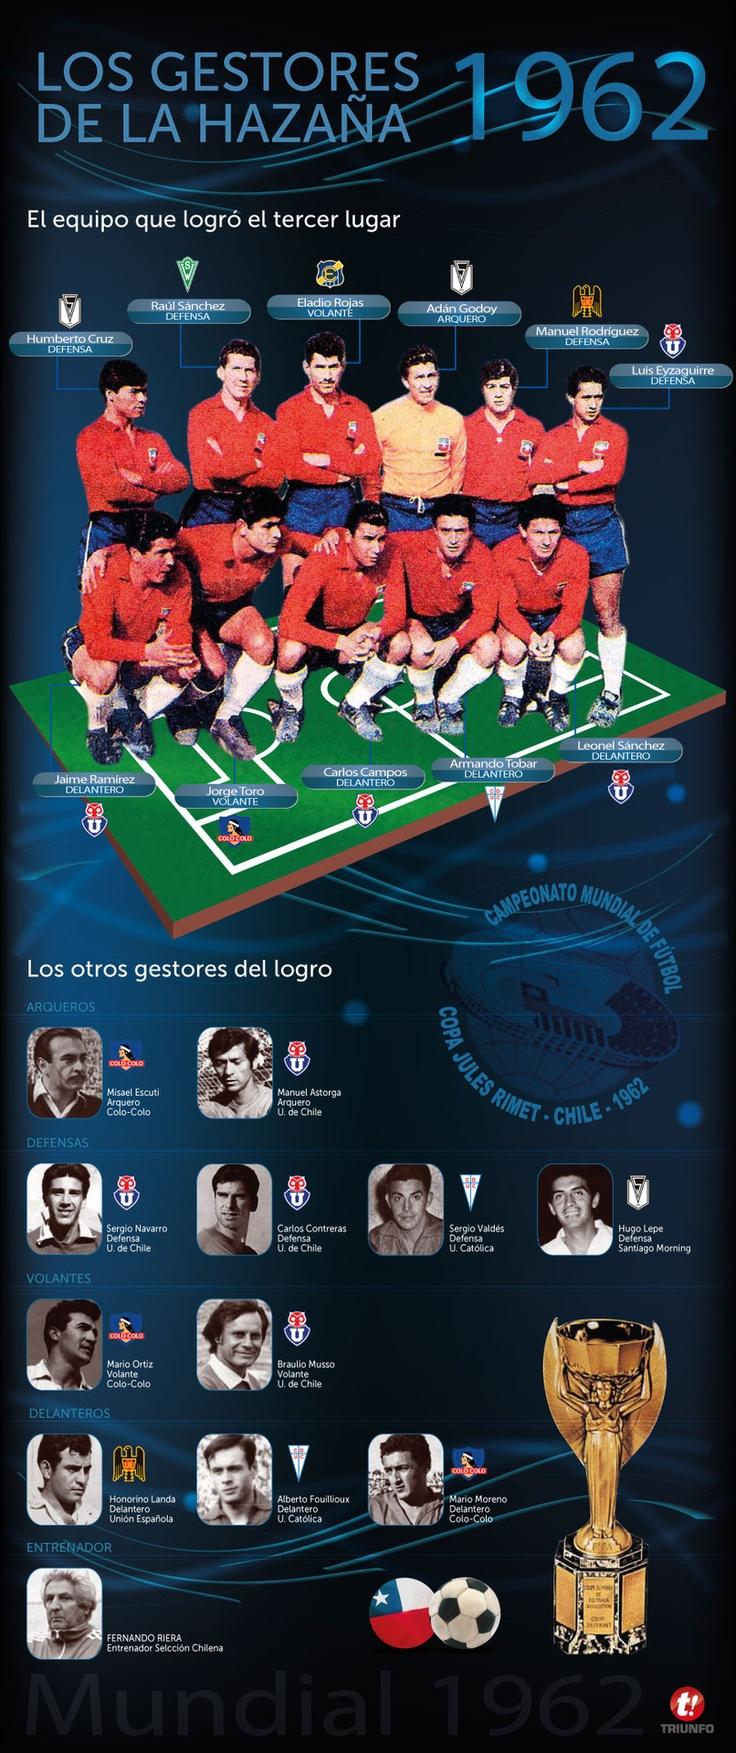 Los gestores del tercer lugar de Chile en el Mundial de 1962 / Nacion.cl